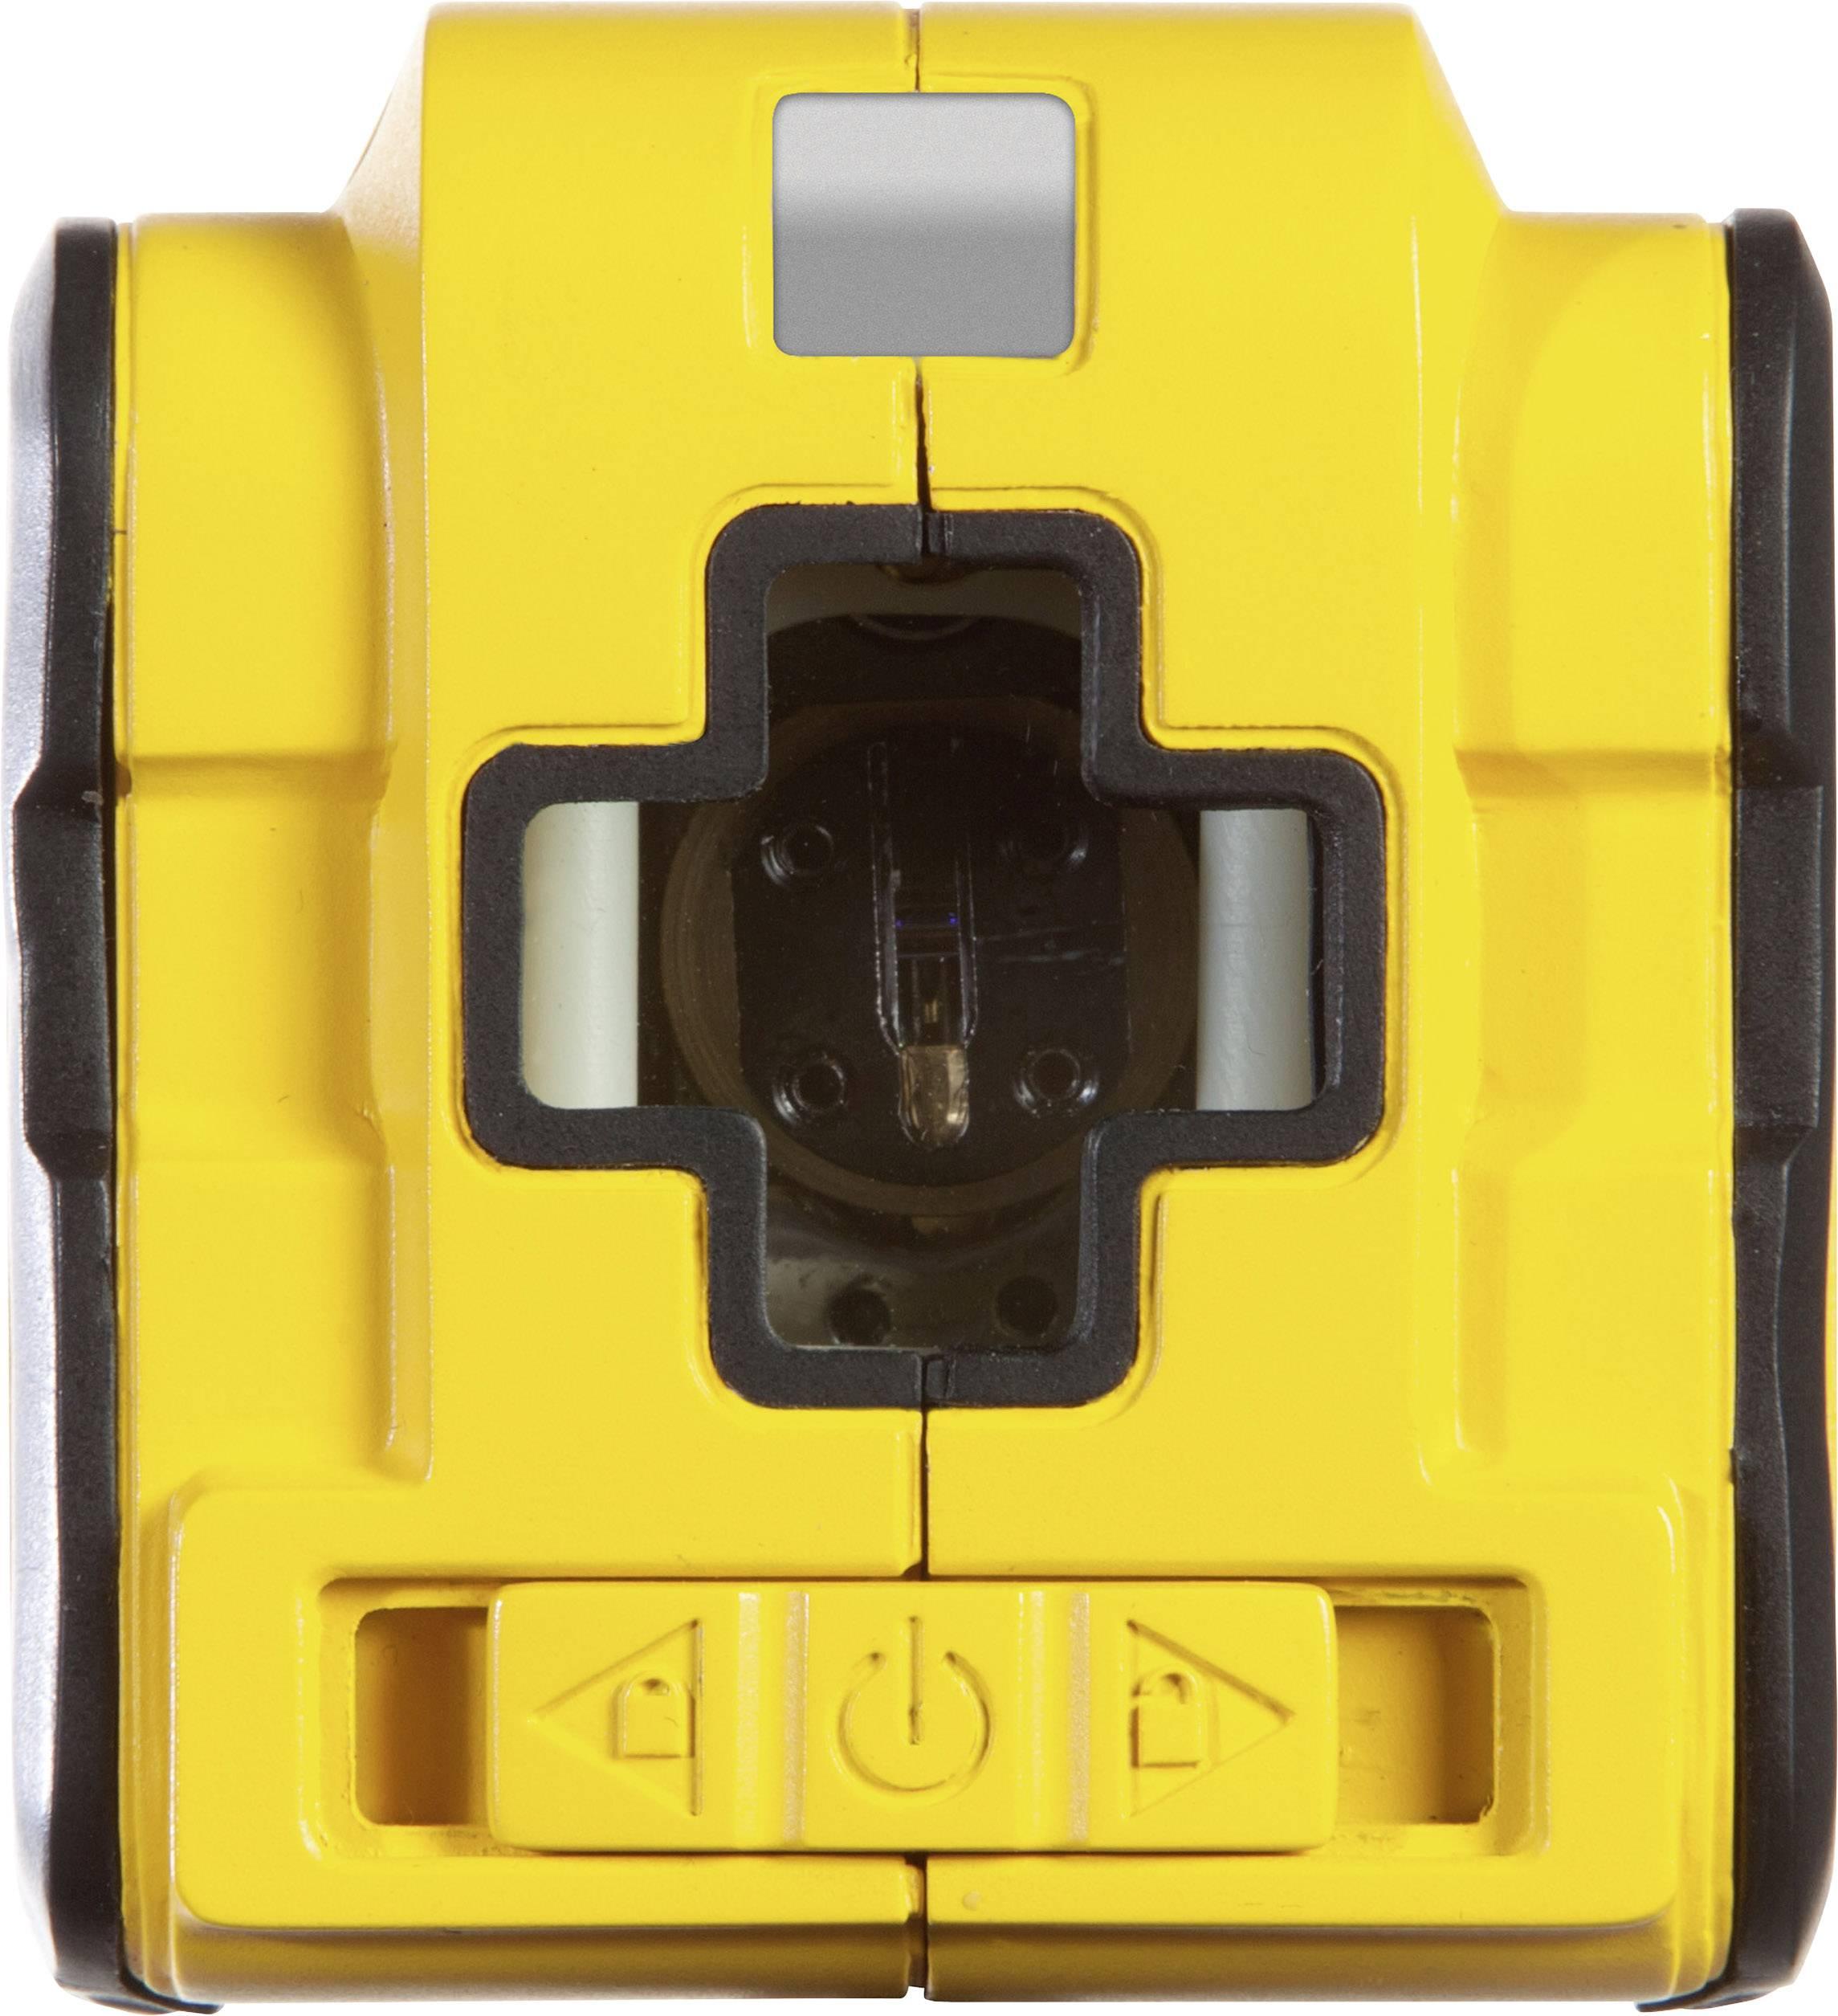 Křížová laserová vodováha samonivelační Stanley by Black & Decker Cubix, dosah (max.): 8 m, Kalibrováno dle: vlastní